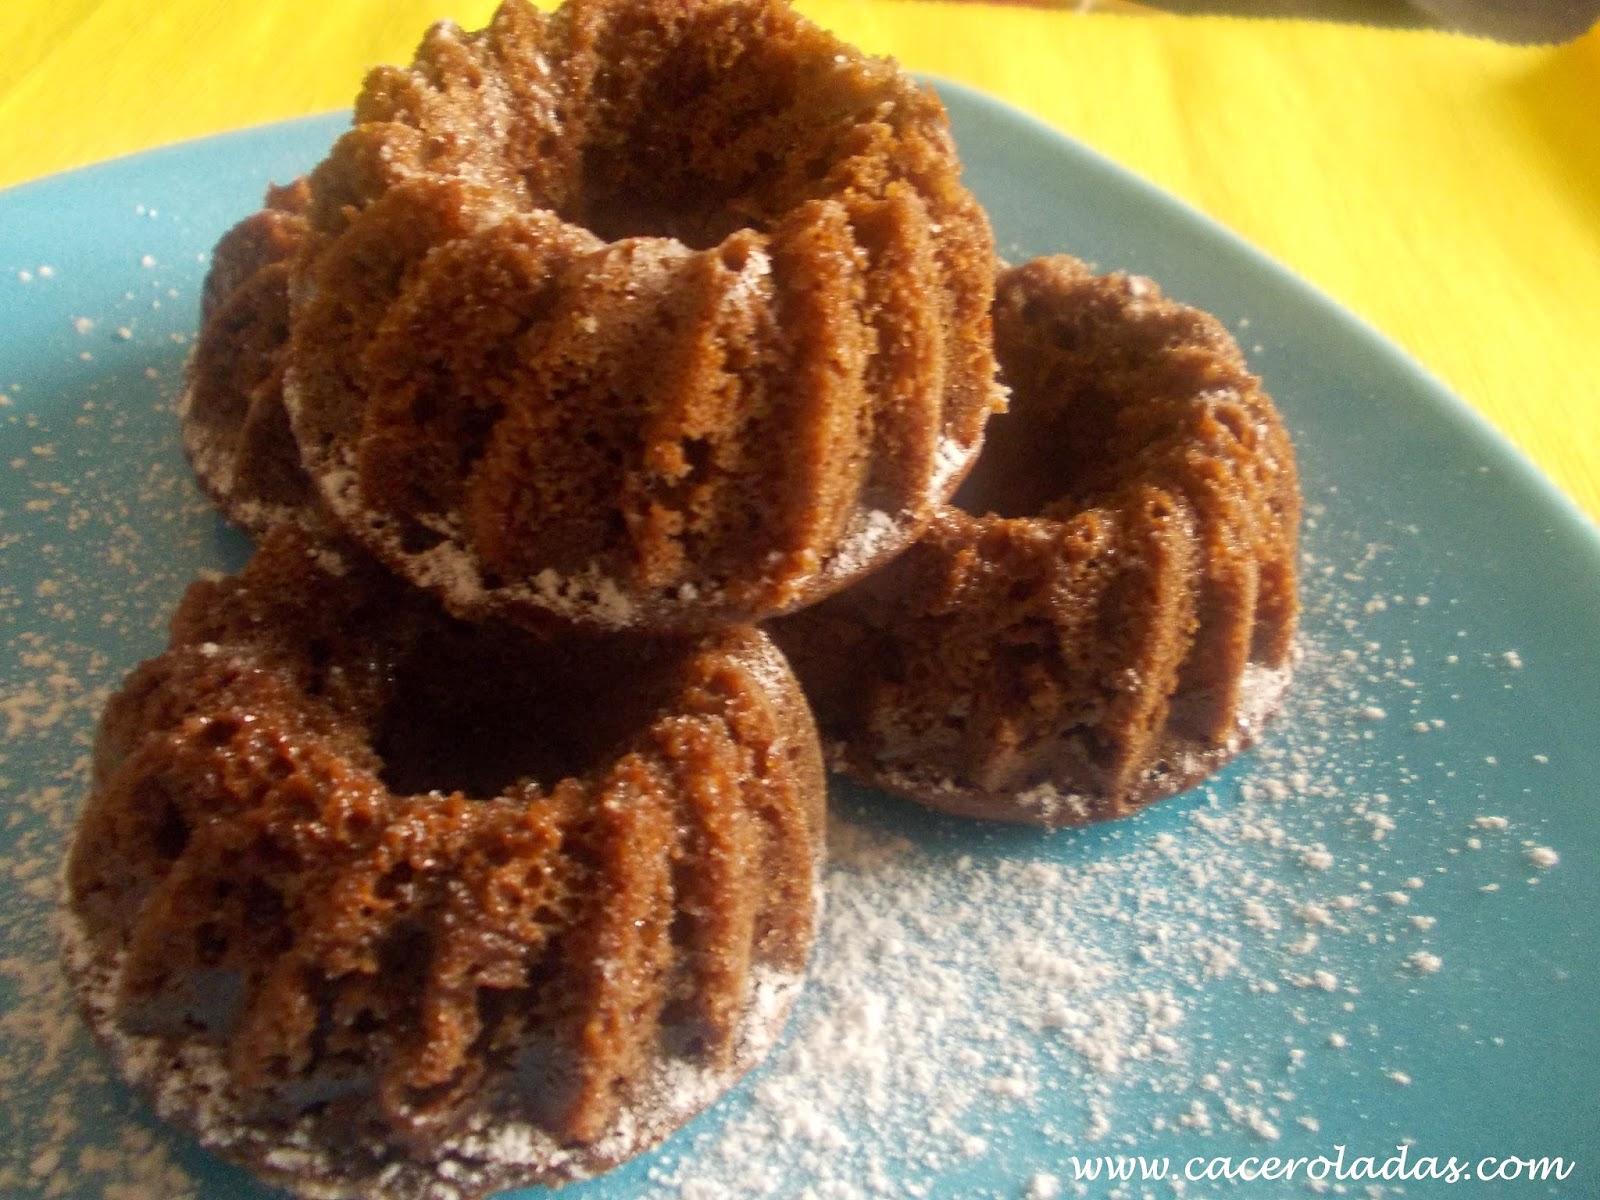 Bizcochitos de chocolate y mandarina